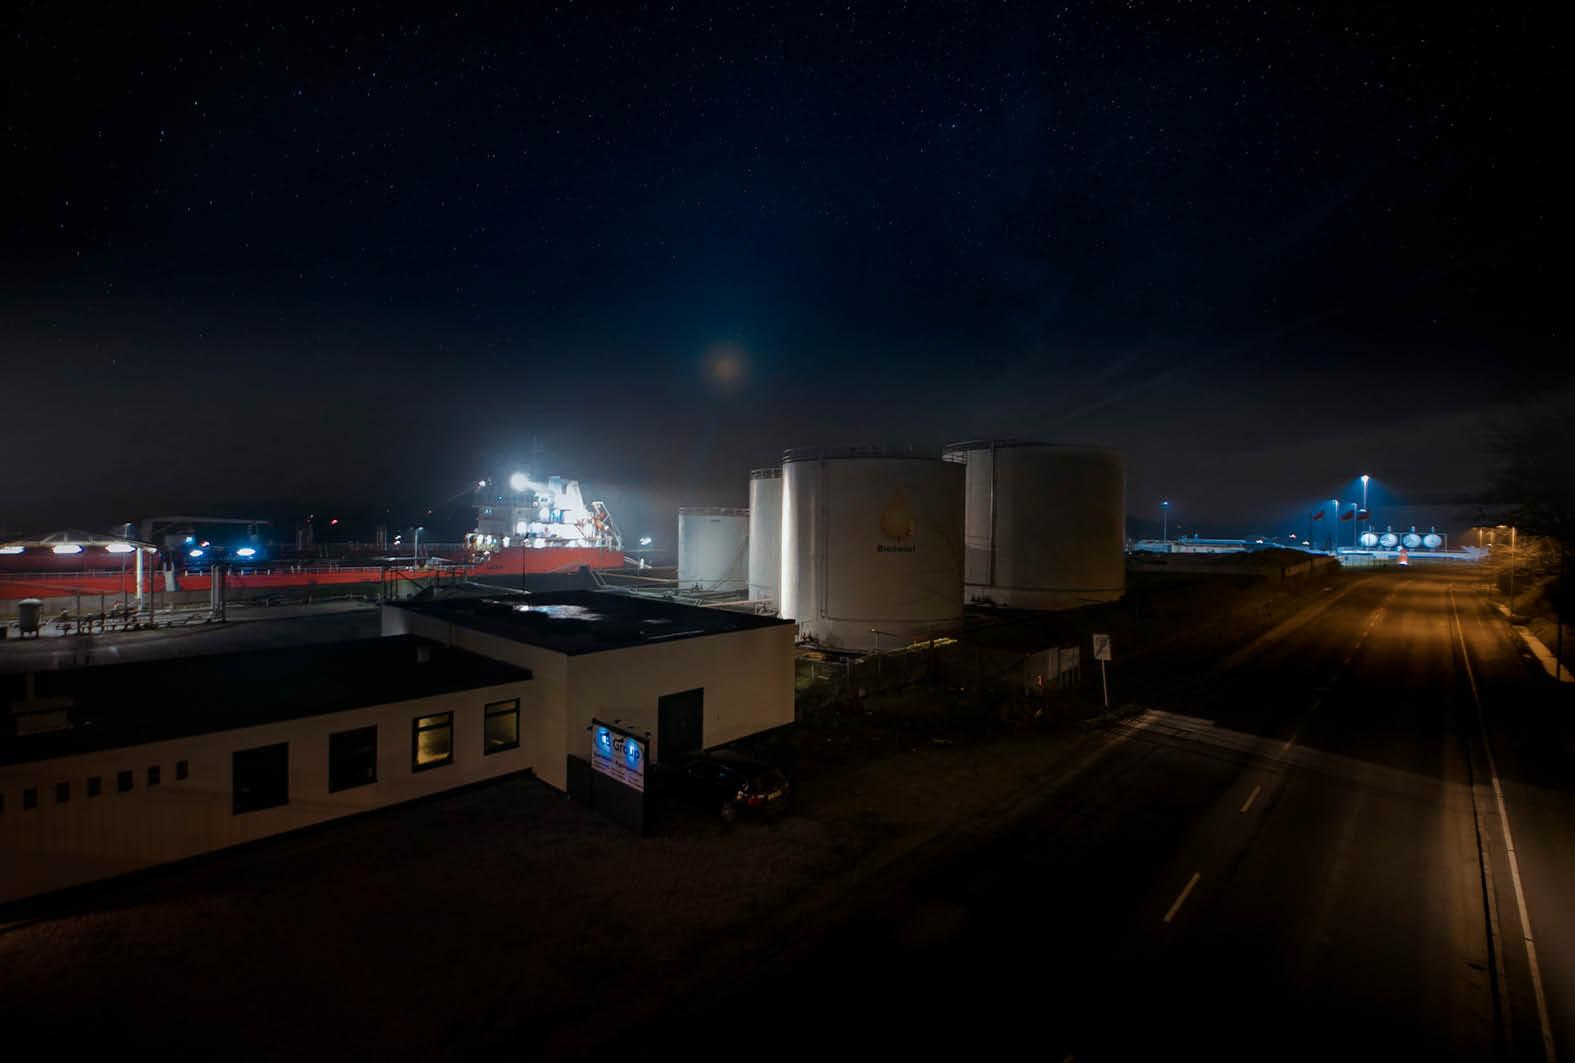 emmelev-photo-night5